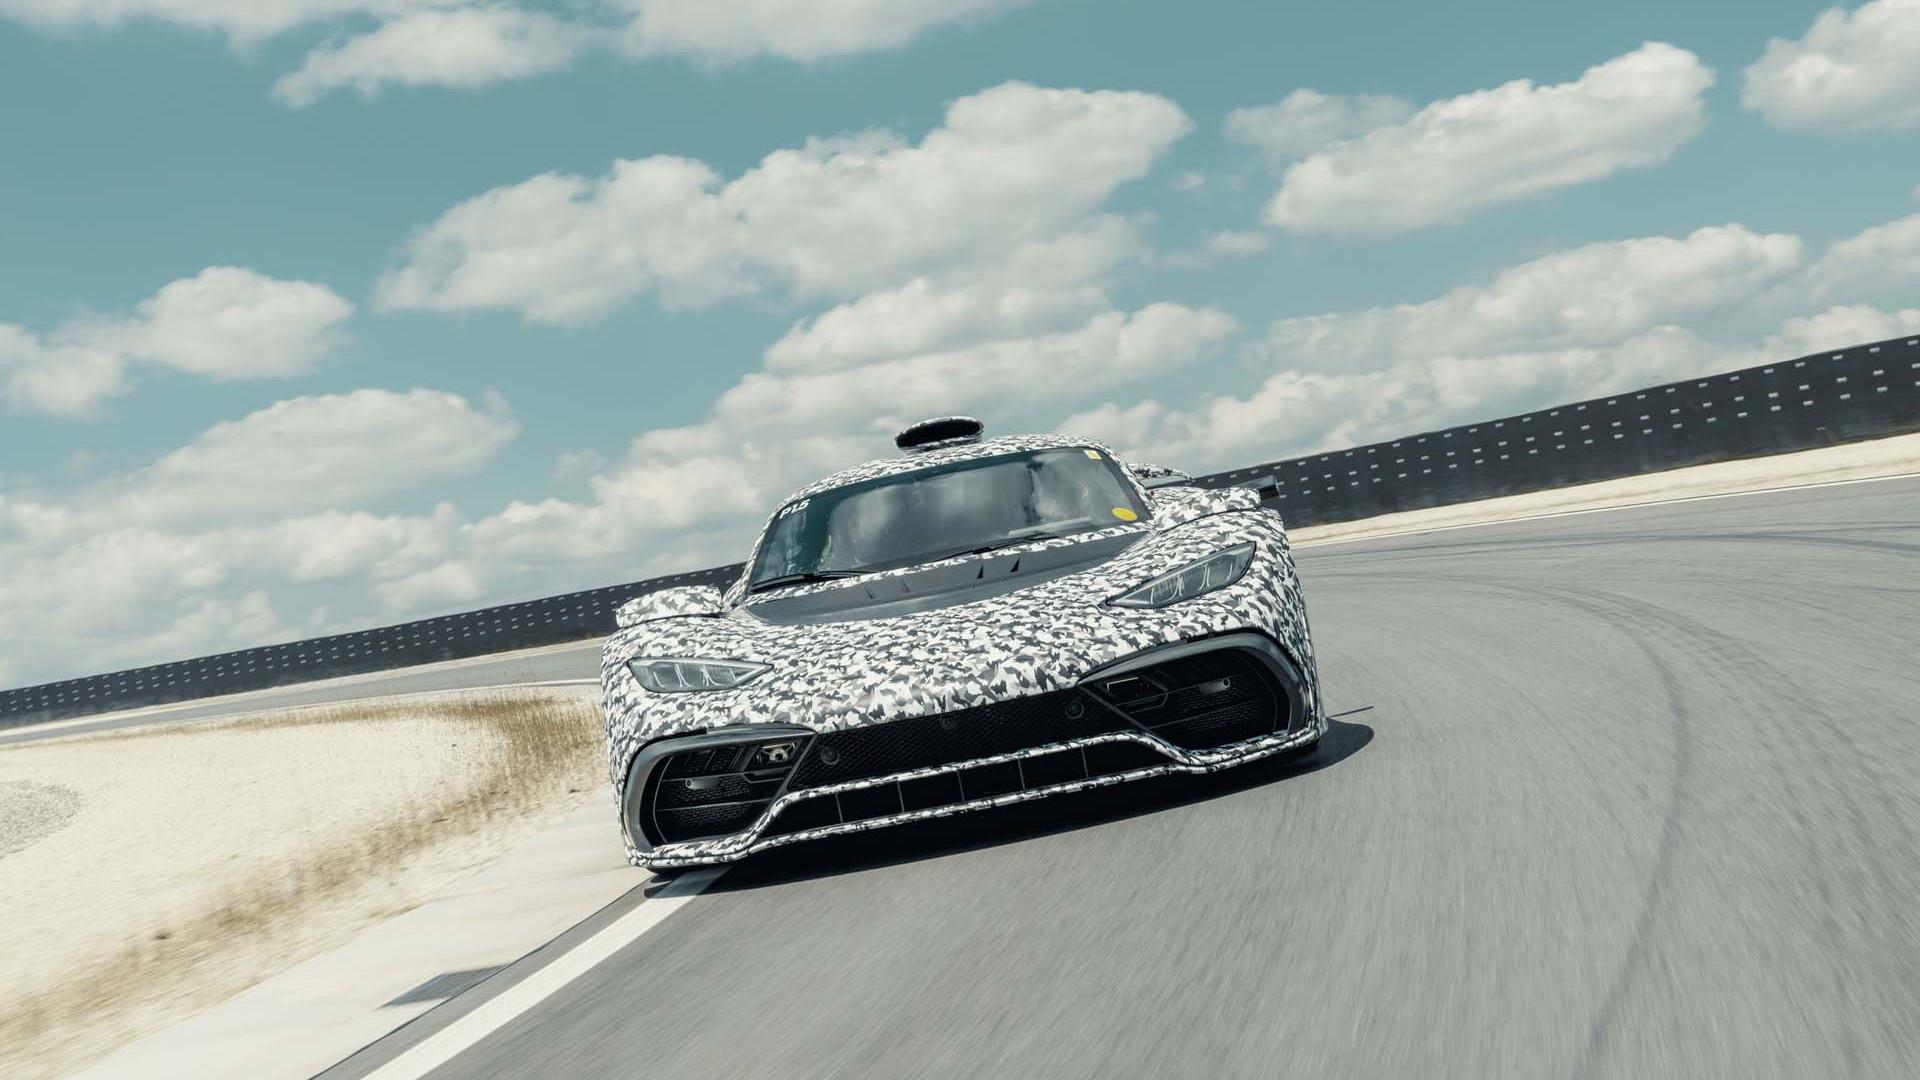 Mercedes-Benz AMG One prototype